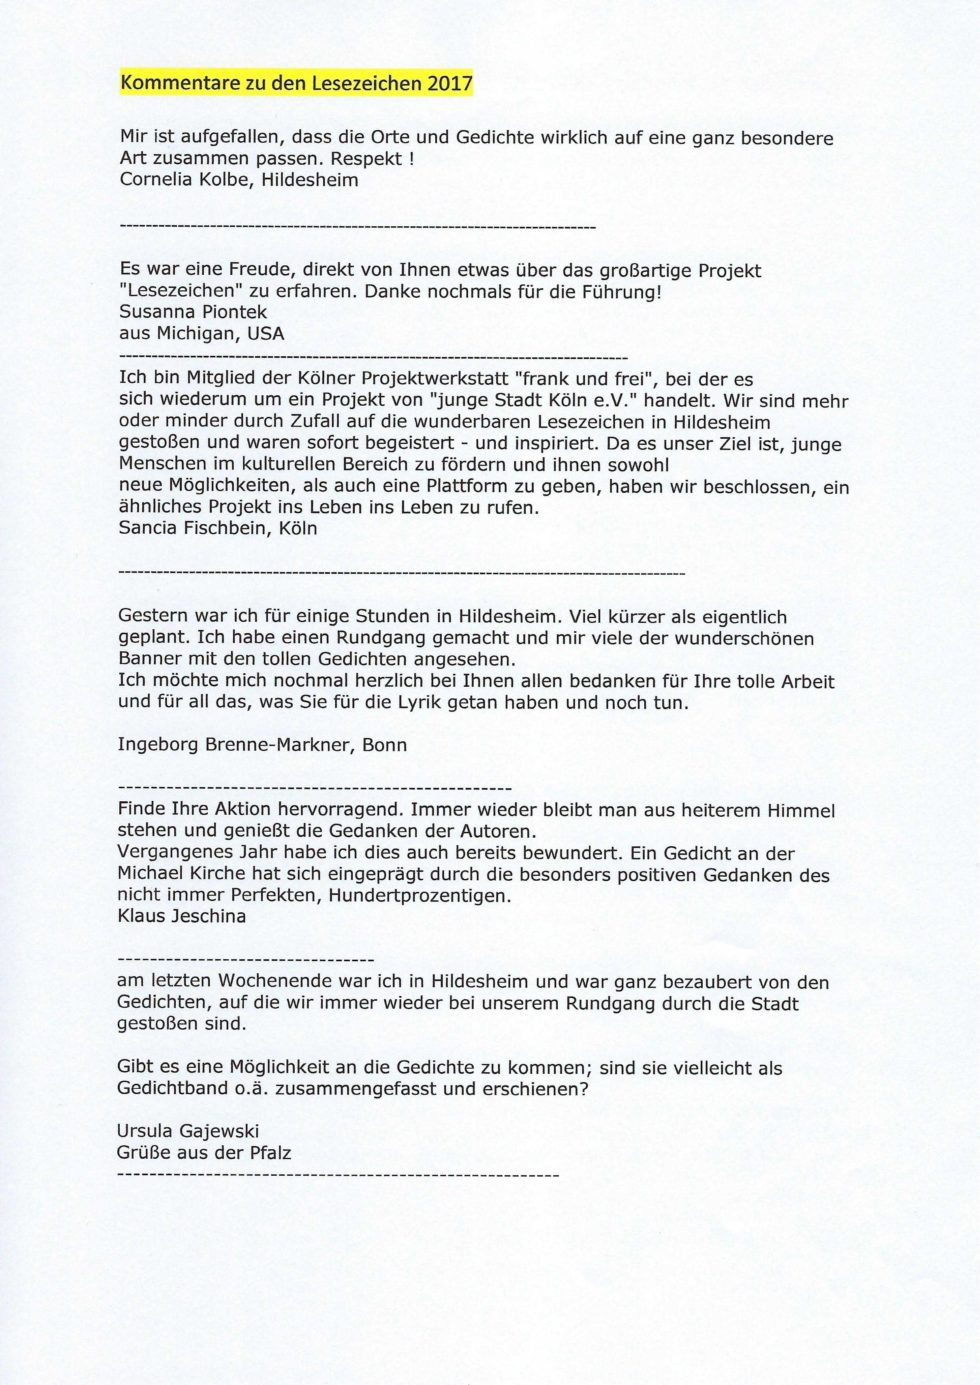 2017 LeseZeichen + Wettbw Zwischen den Zeilen_Seite_11